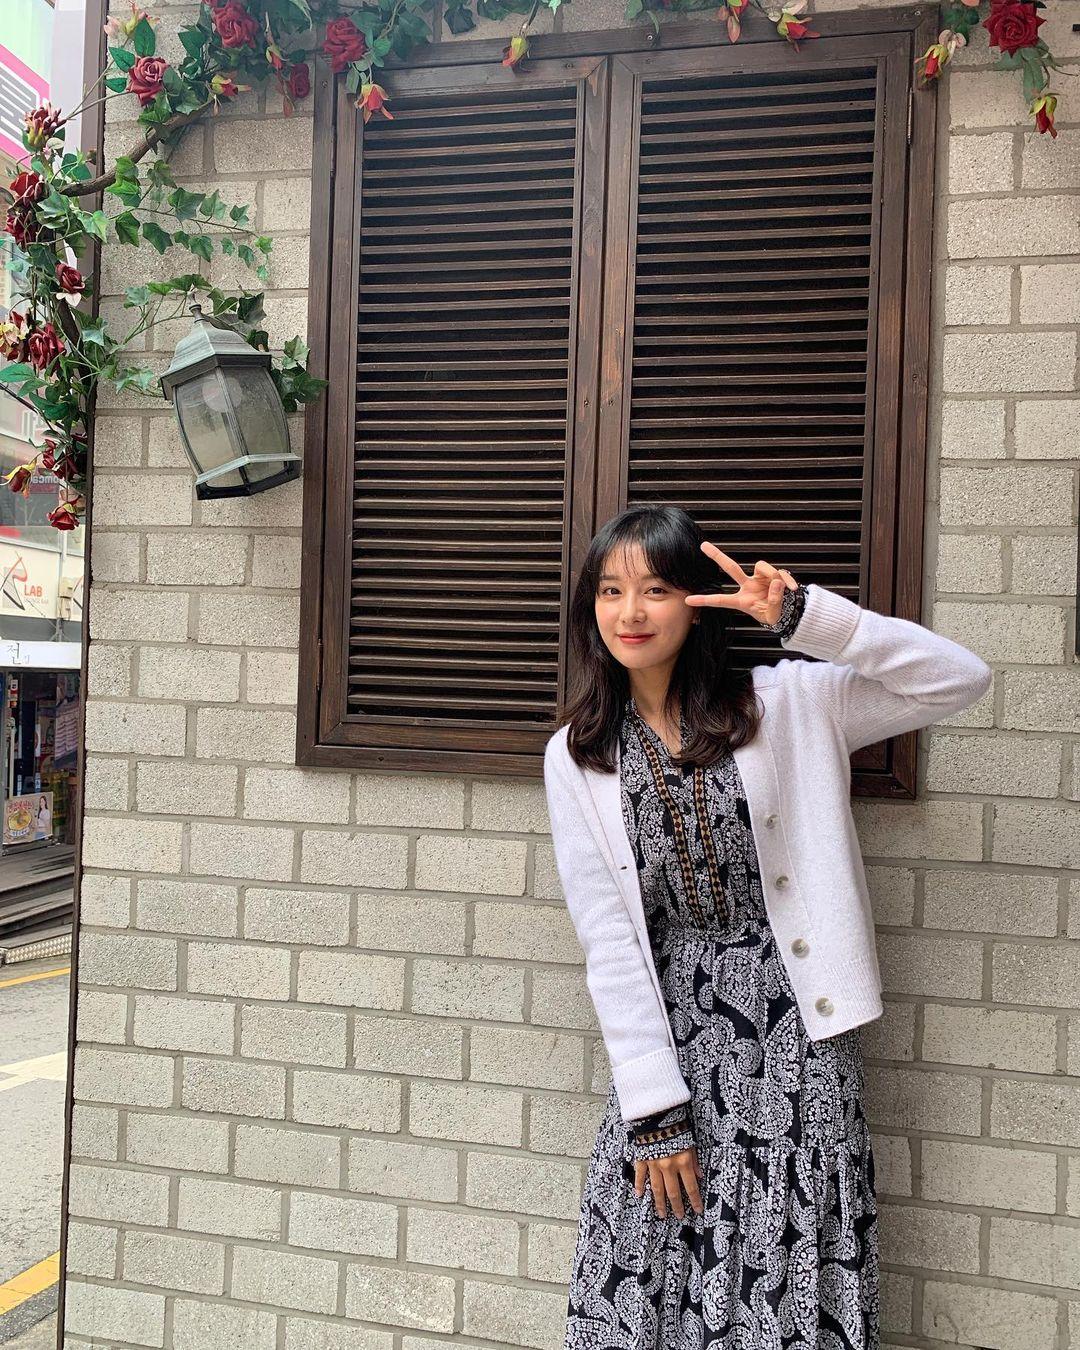 Mix & Phối - Style của Kim Ji Won trong phim mới: Đơn giản mà siêu xinh tươi lãng mạn, nhìn là muốn học theo bằng hết - chanvaydep.net 7